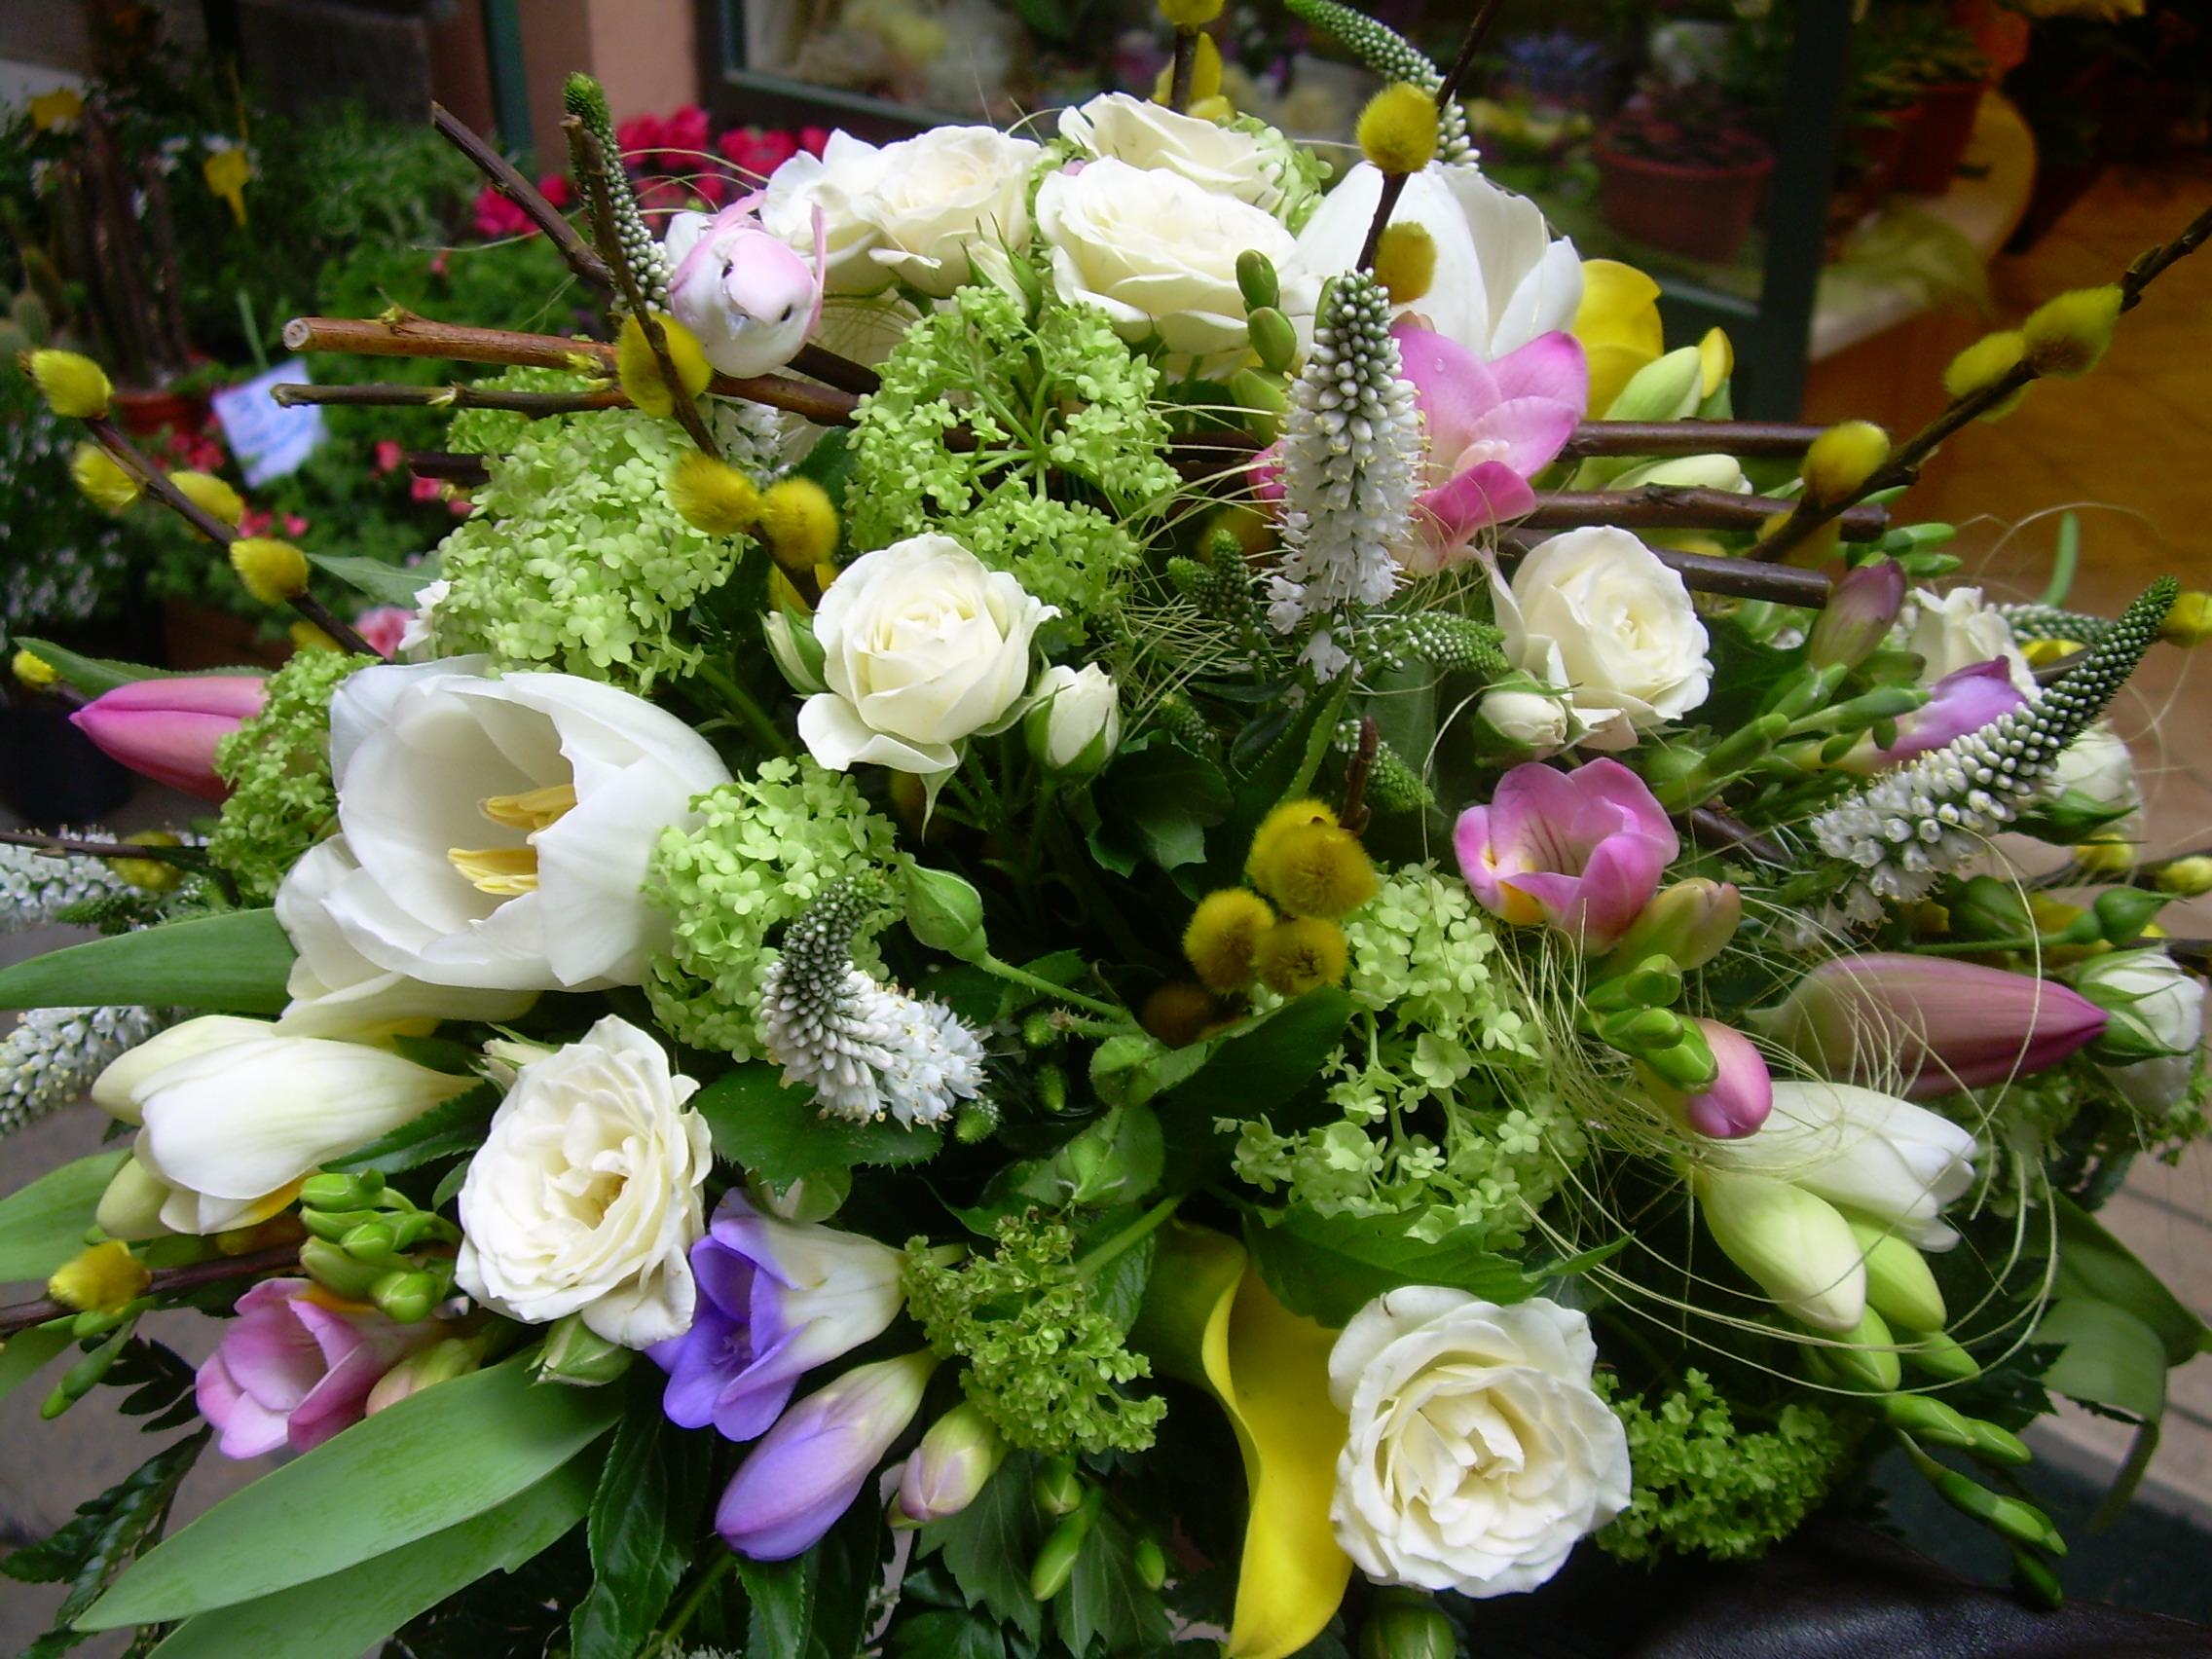 Elisabetta fiori e piante centrotavola con veronica fresie topini viburno rose tupilani - Interflora contatti ...